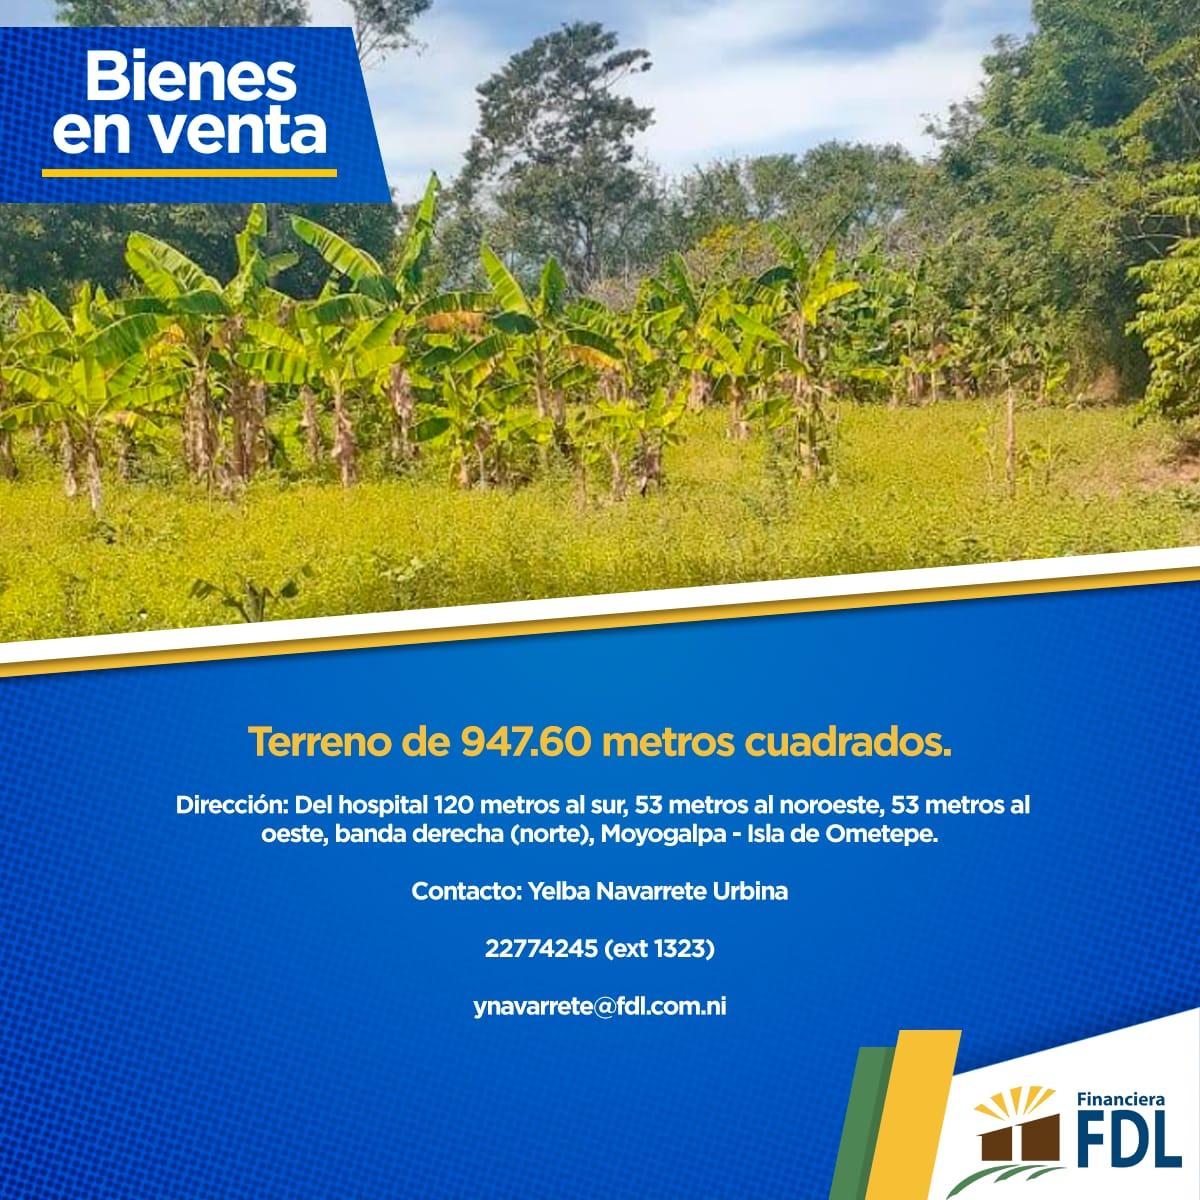 bienes-en-venta_Terreno_ Moyogalpa Isla de Ometepe_2020